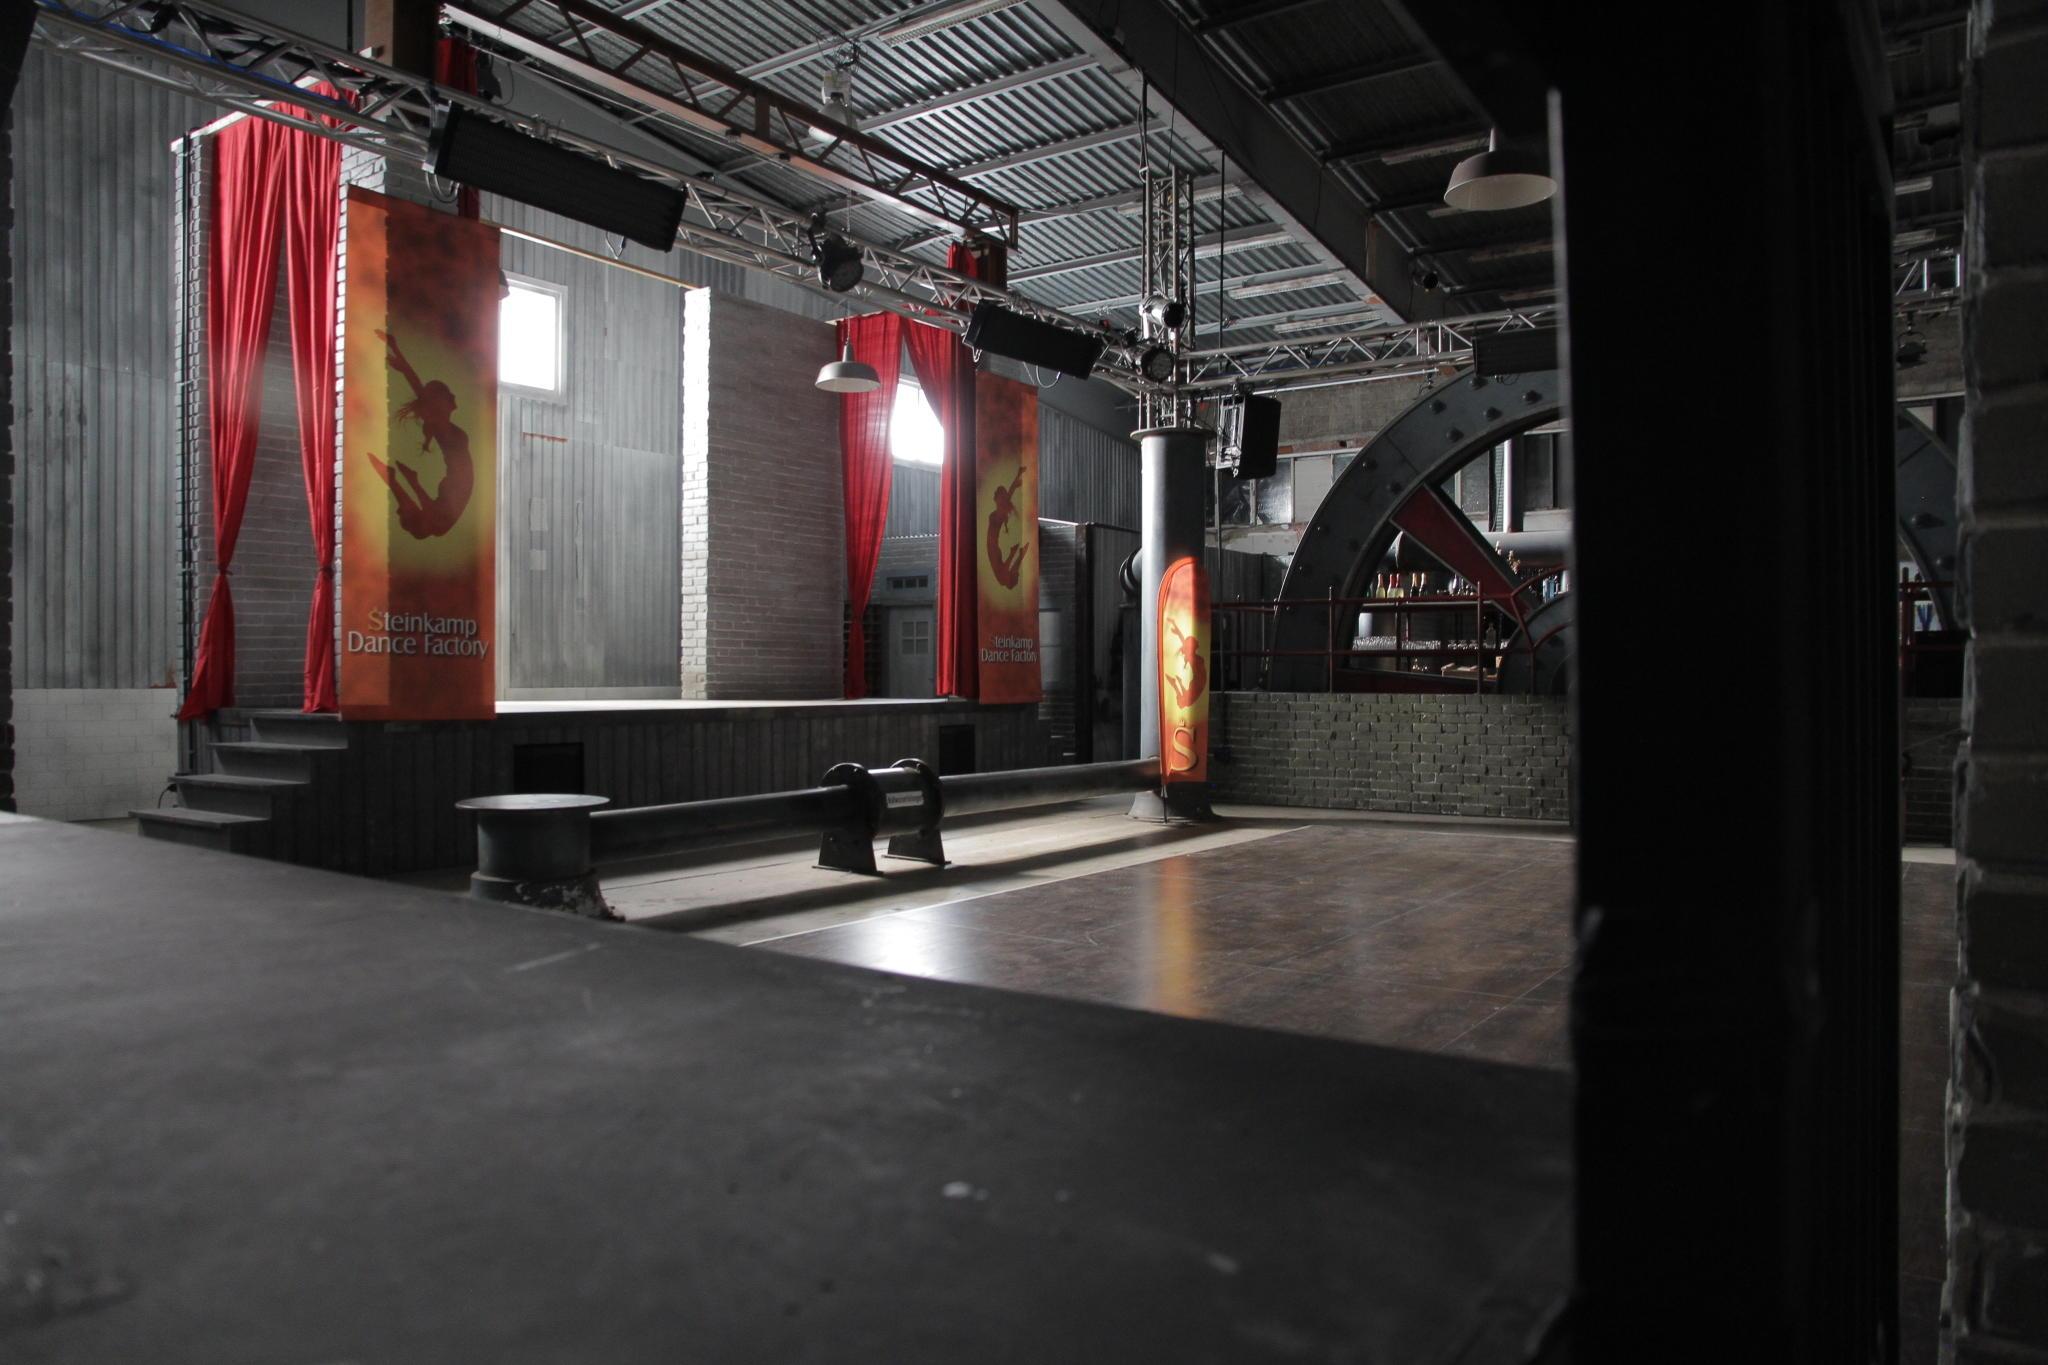 Steinkamp Dance Factory Die Location